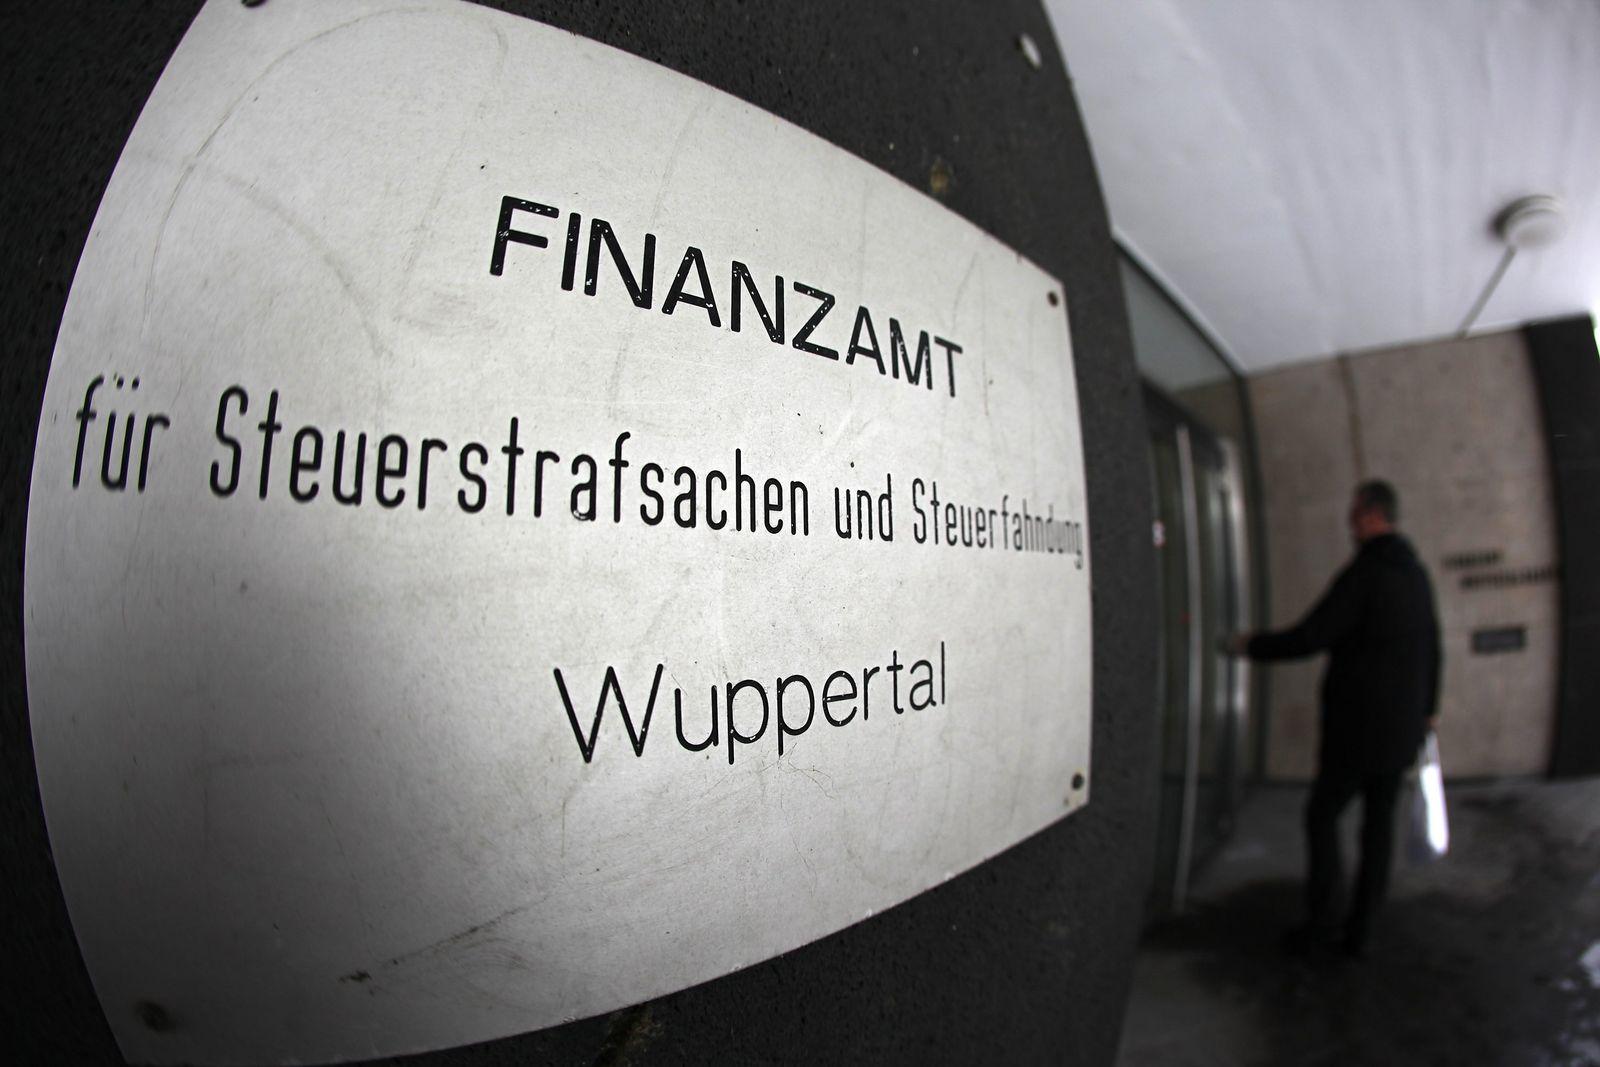 Finanzamt Wuppertal/ Steuerfahndung